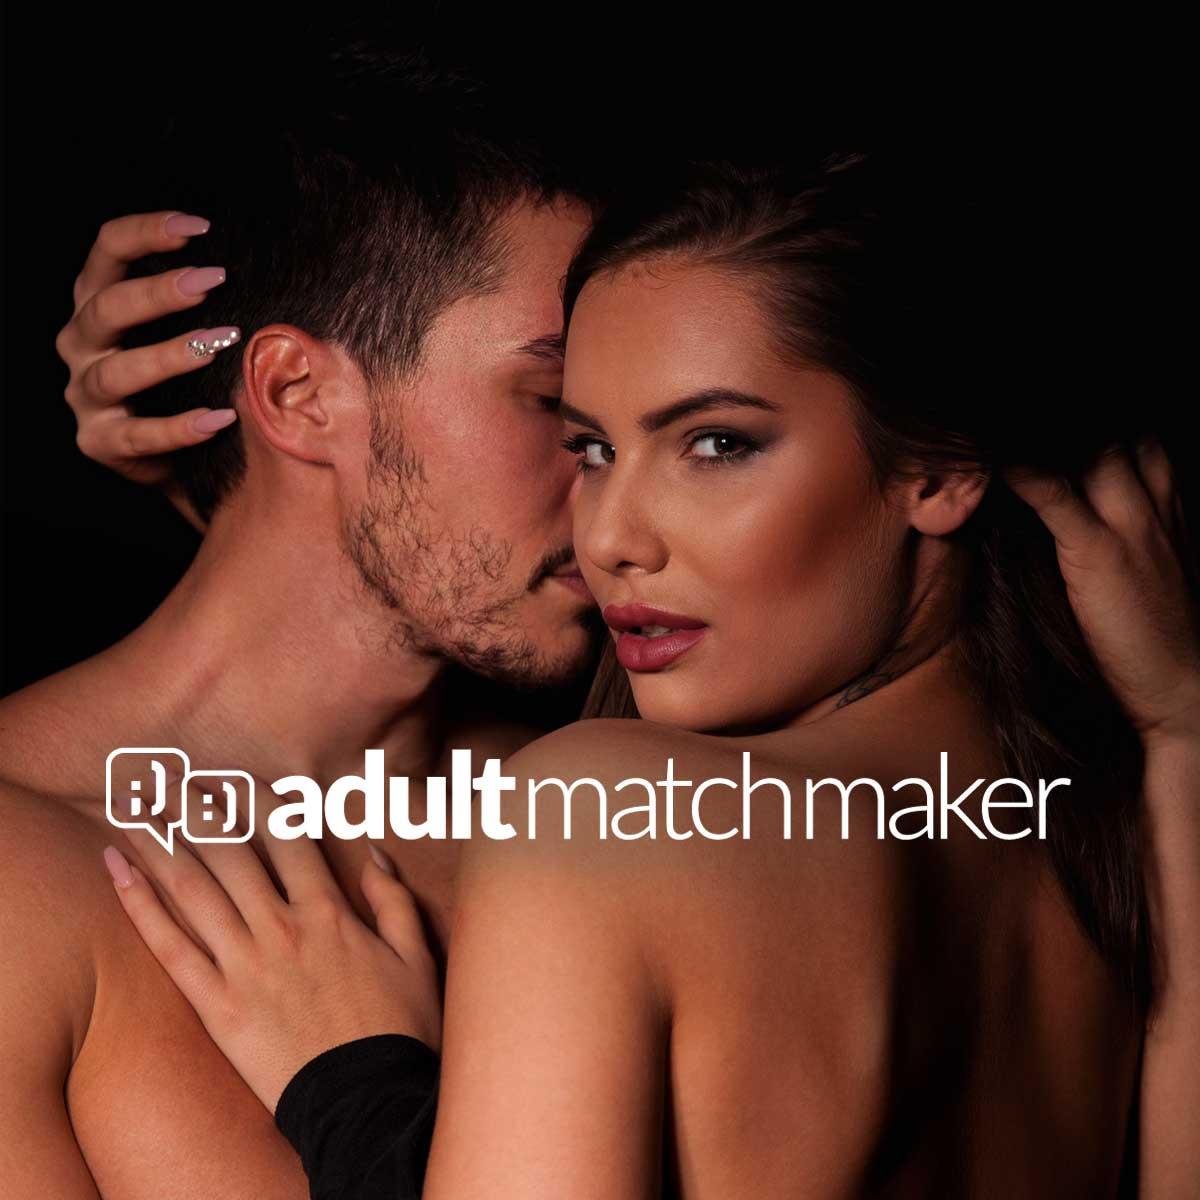 Adultmatchmakerr